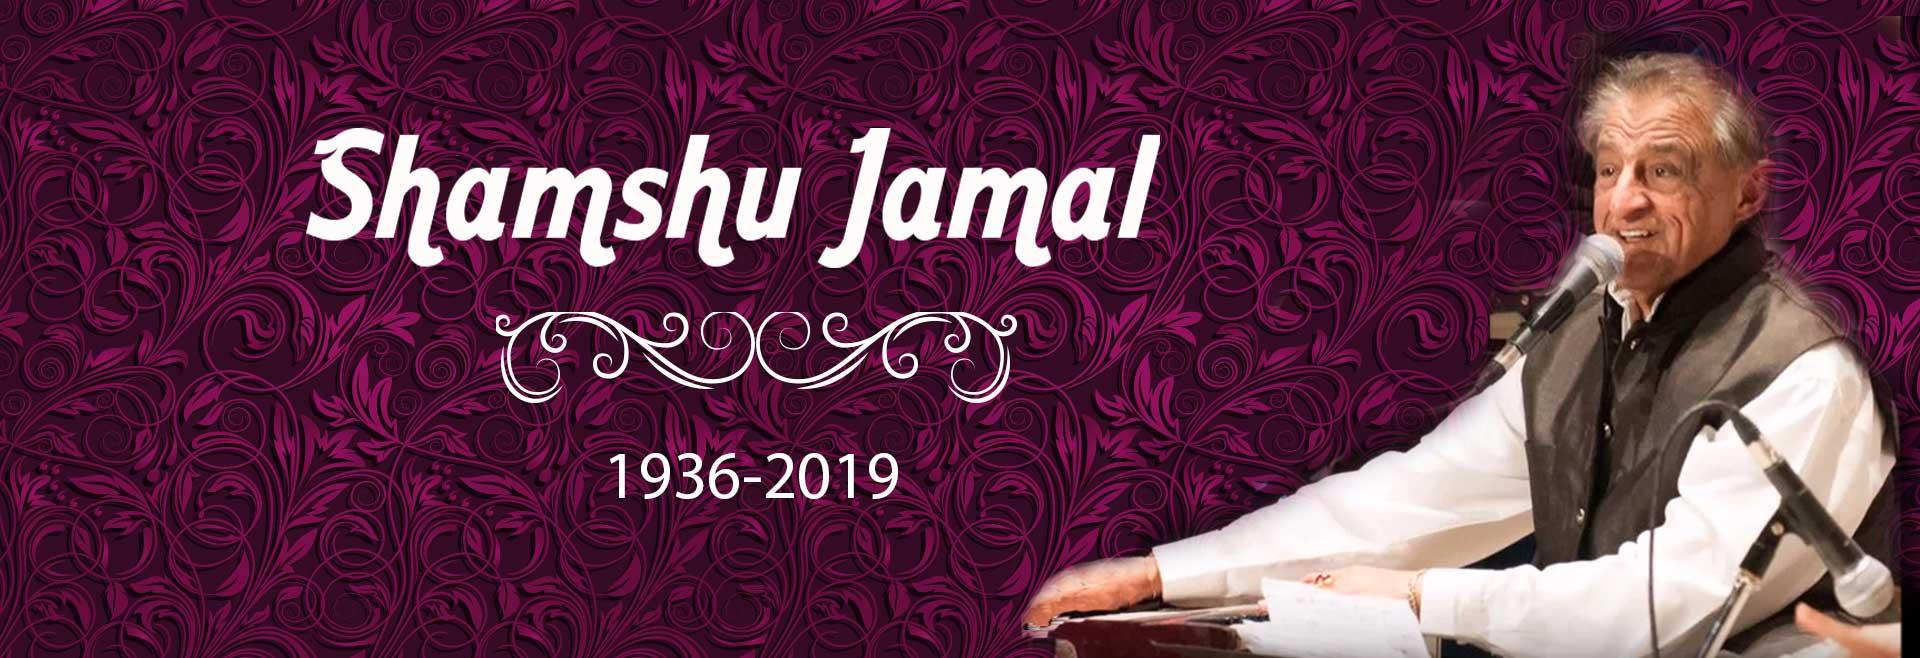 Shamshu Jamal